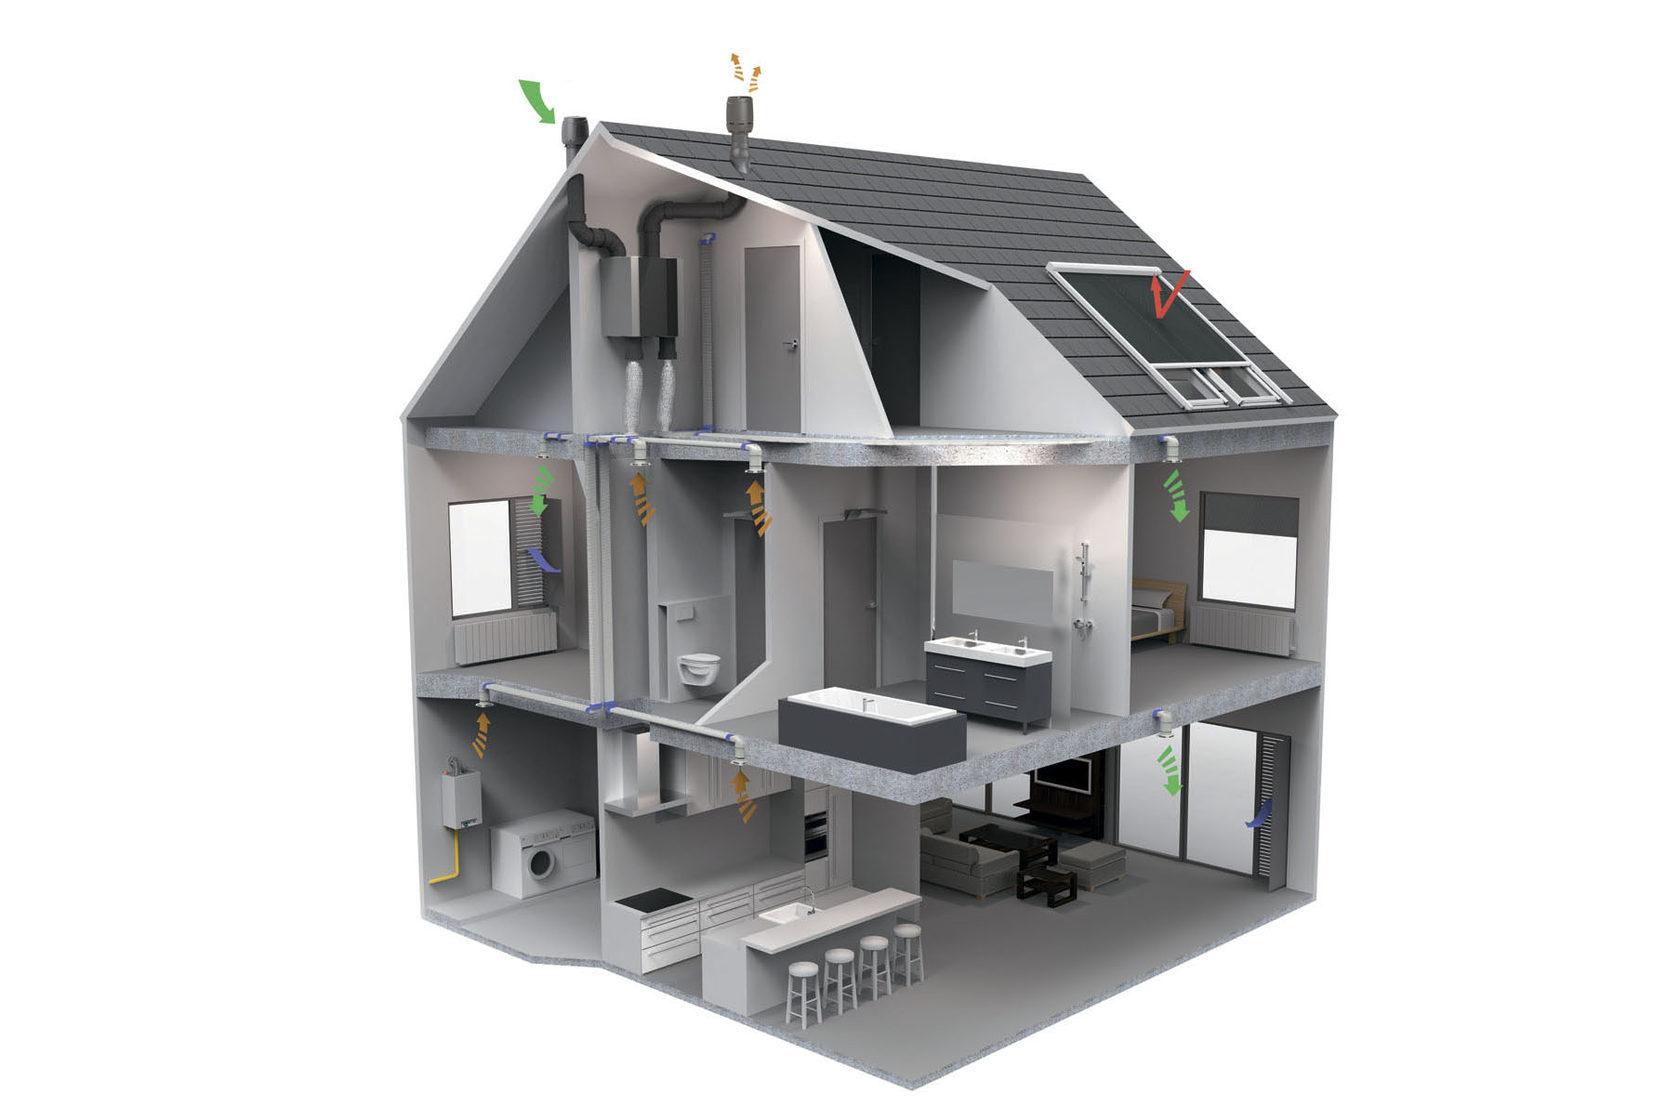 Автоматическая система вентиляции с рекупераций тепла Endura Delta